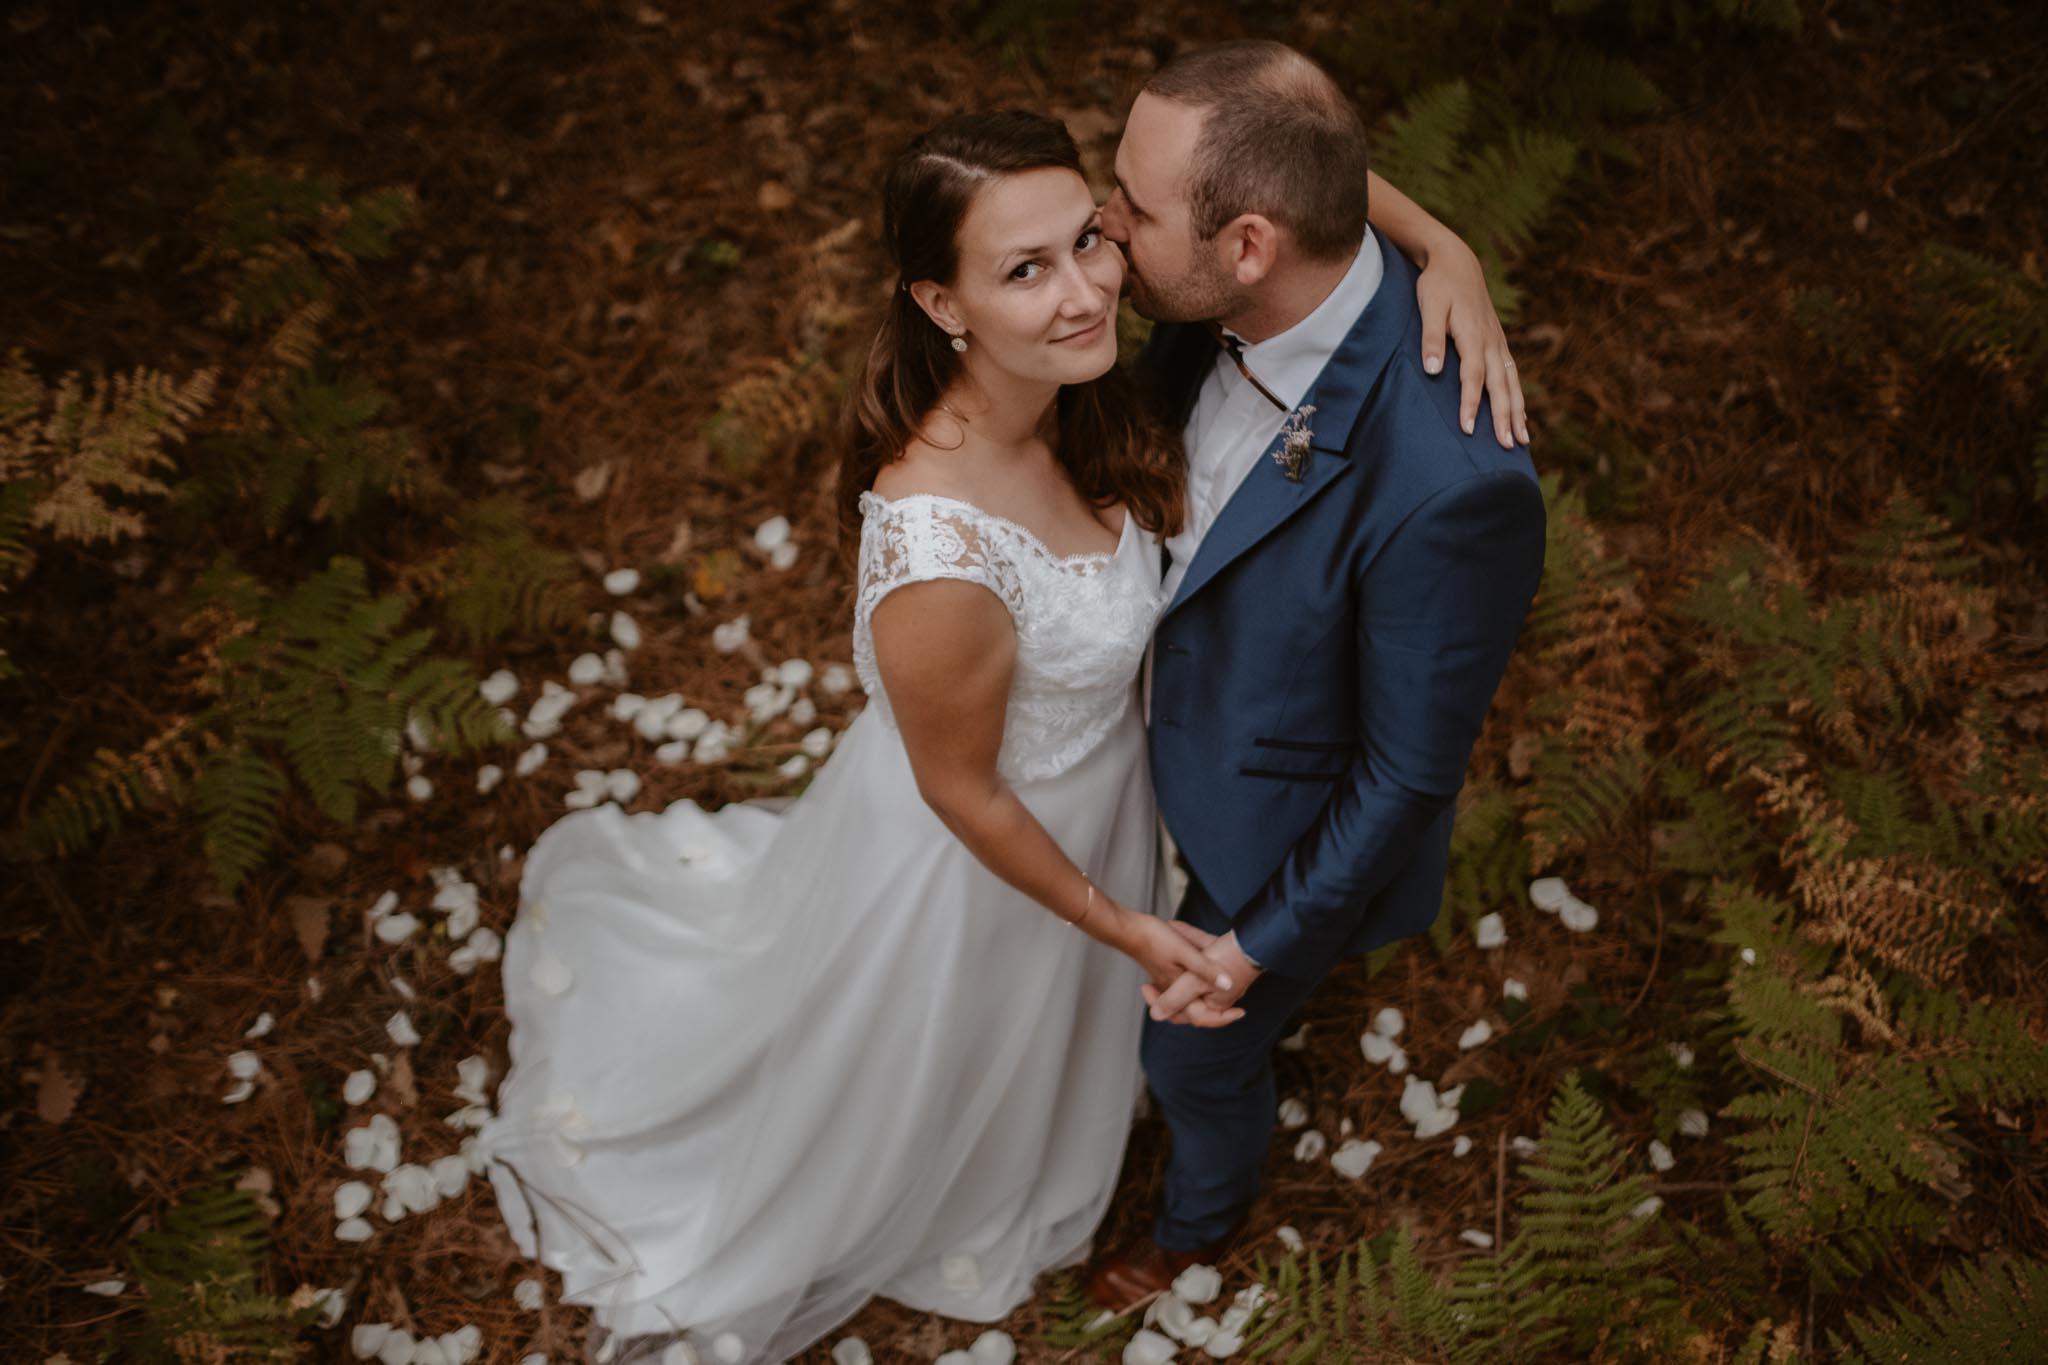 Séance couple après mariage naturelle et romantique dans une forêt en Vendée par Geoffrey Arnoldy photographe